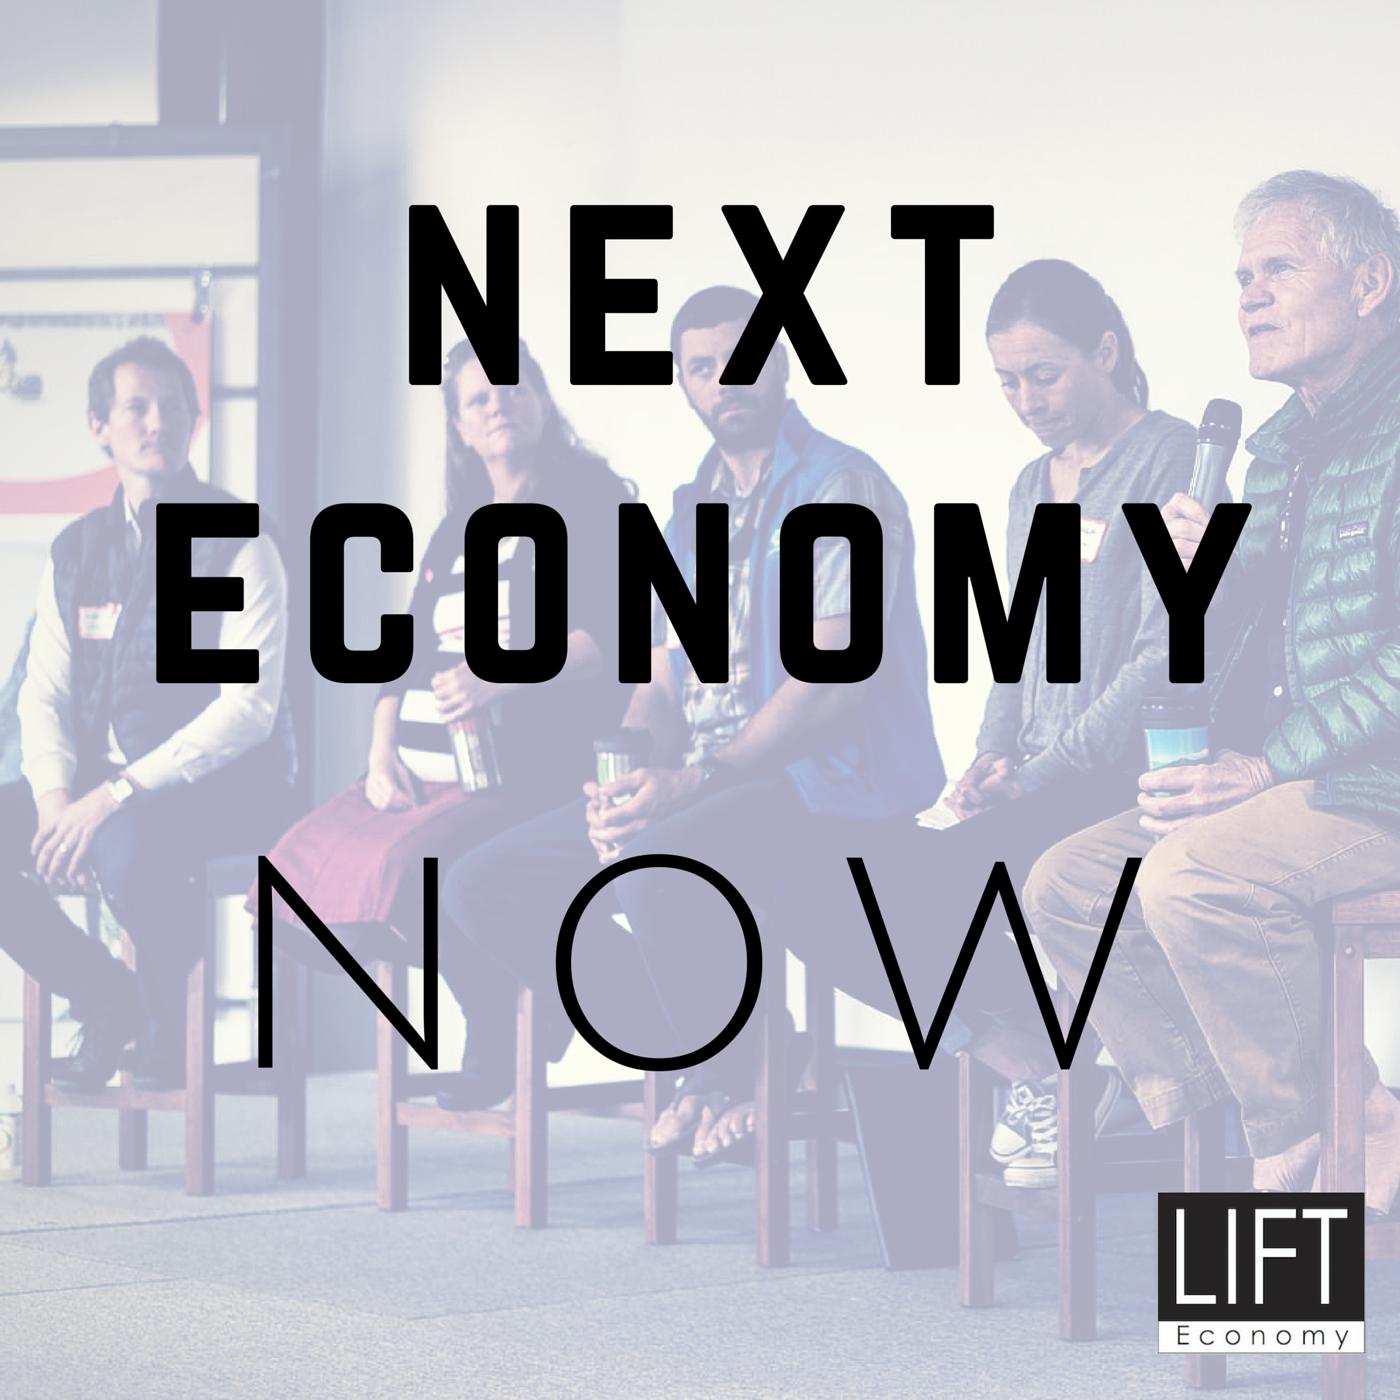 Next Economy Now